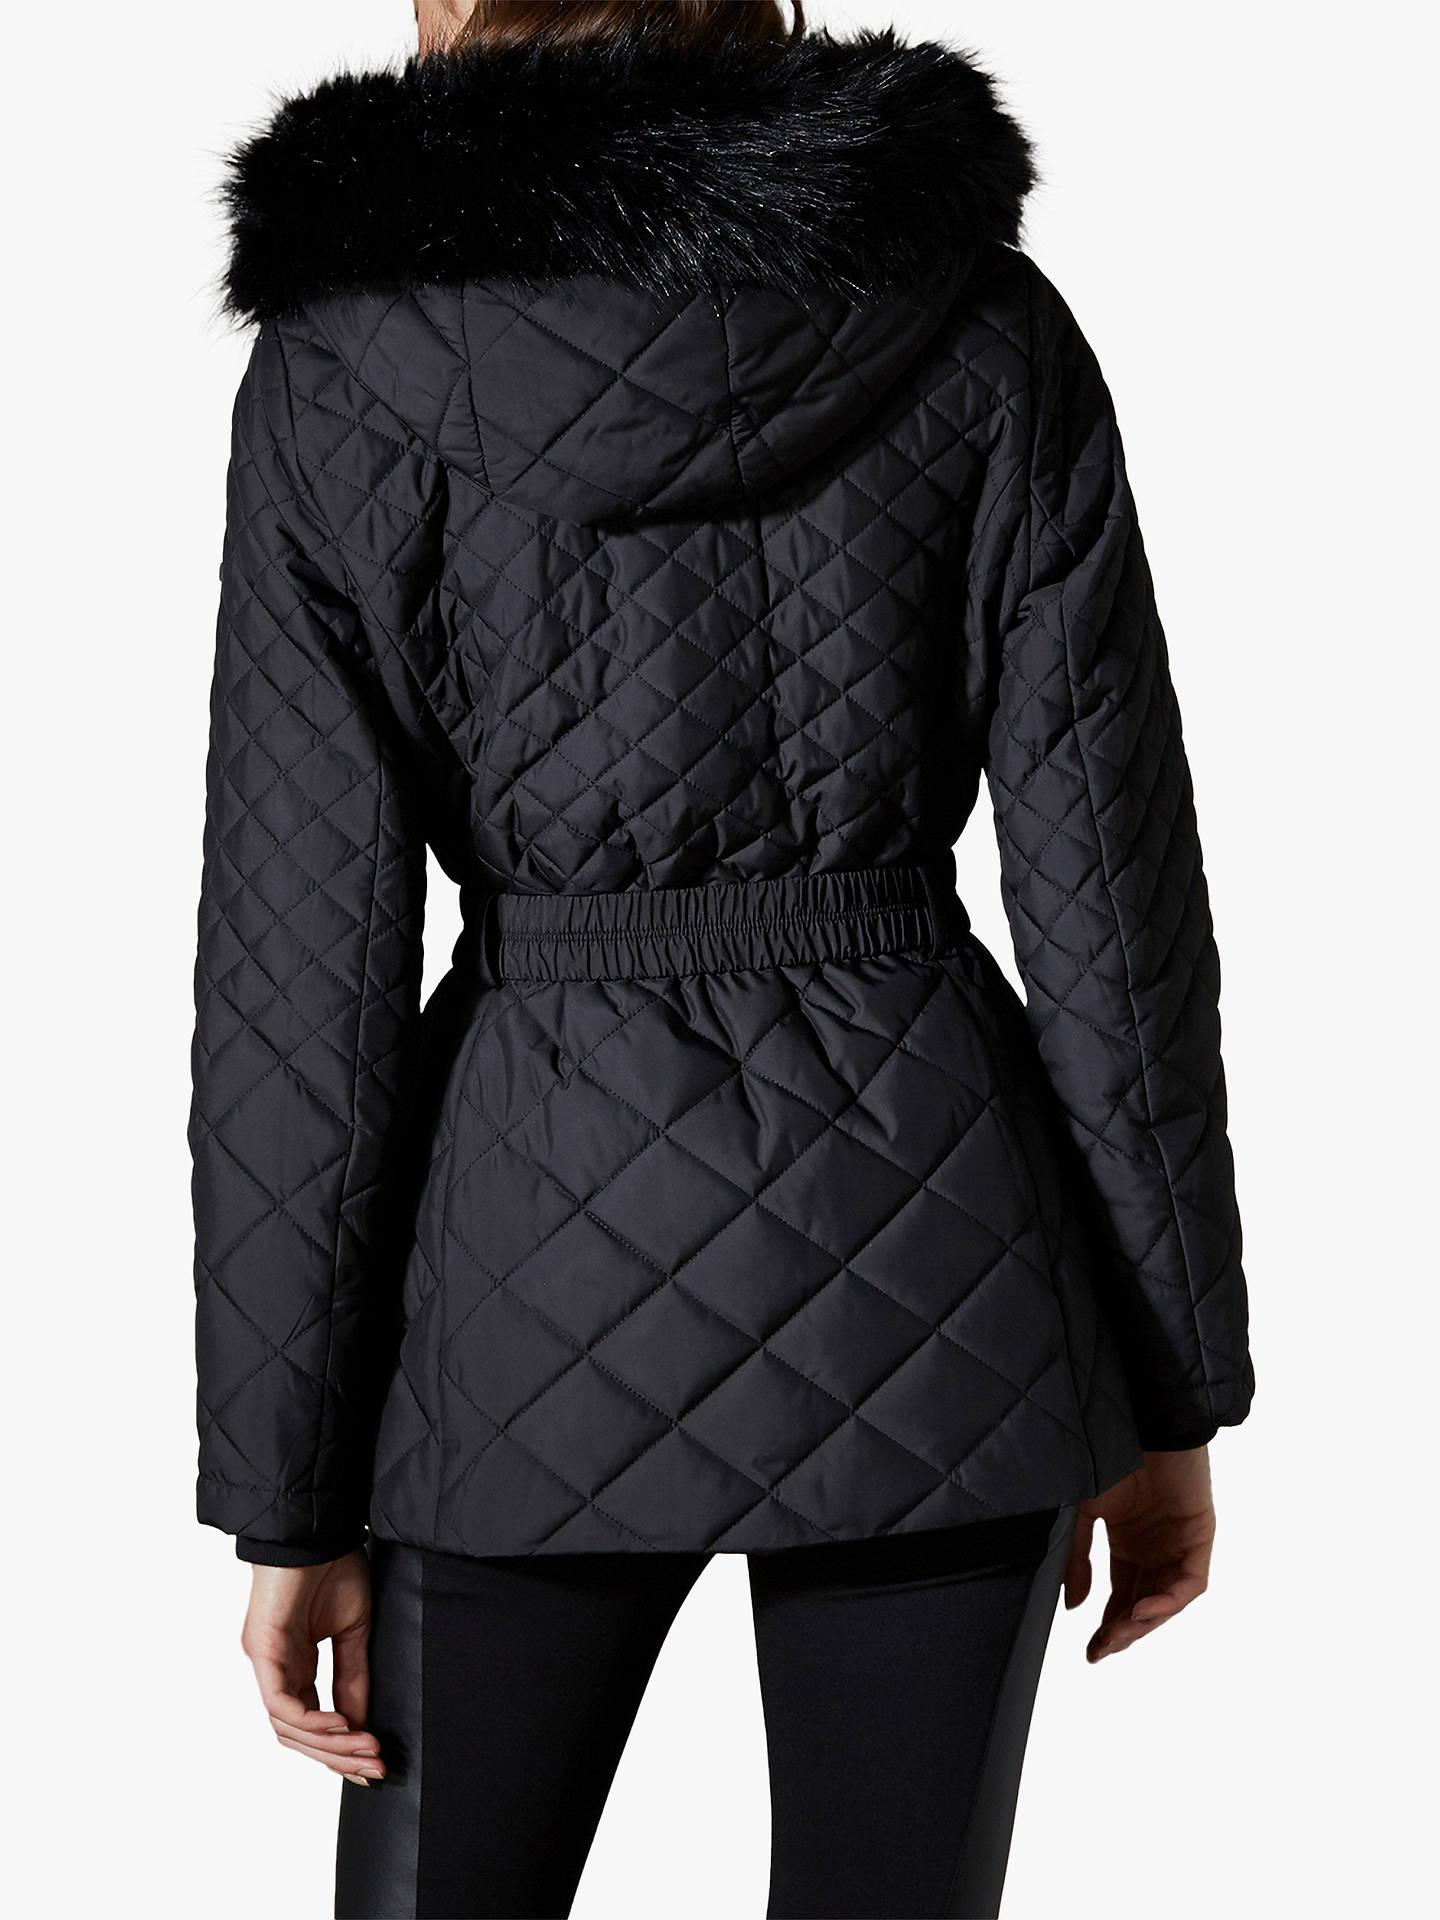 18d885e9eca ... Buy Karen Millen Belted Puffer Coat, Black, 12 Online at johnlewis.com  ...